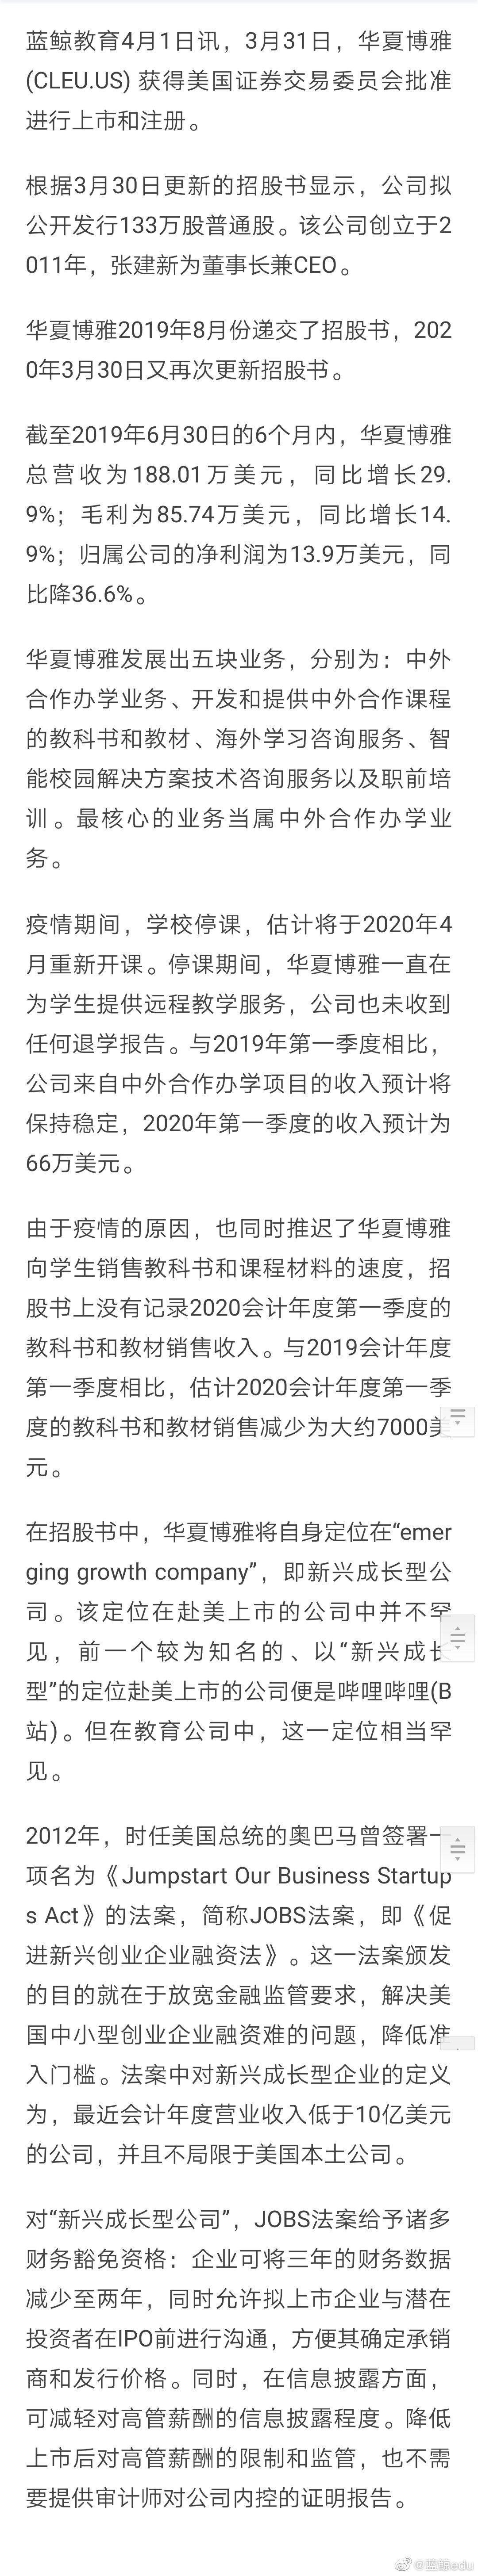 华夏博雅获批上市,2019年上半年净利润13.9万美元下降36.6%